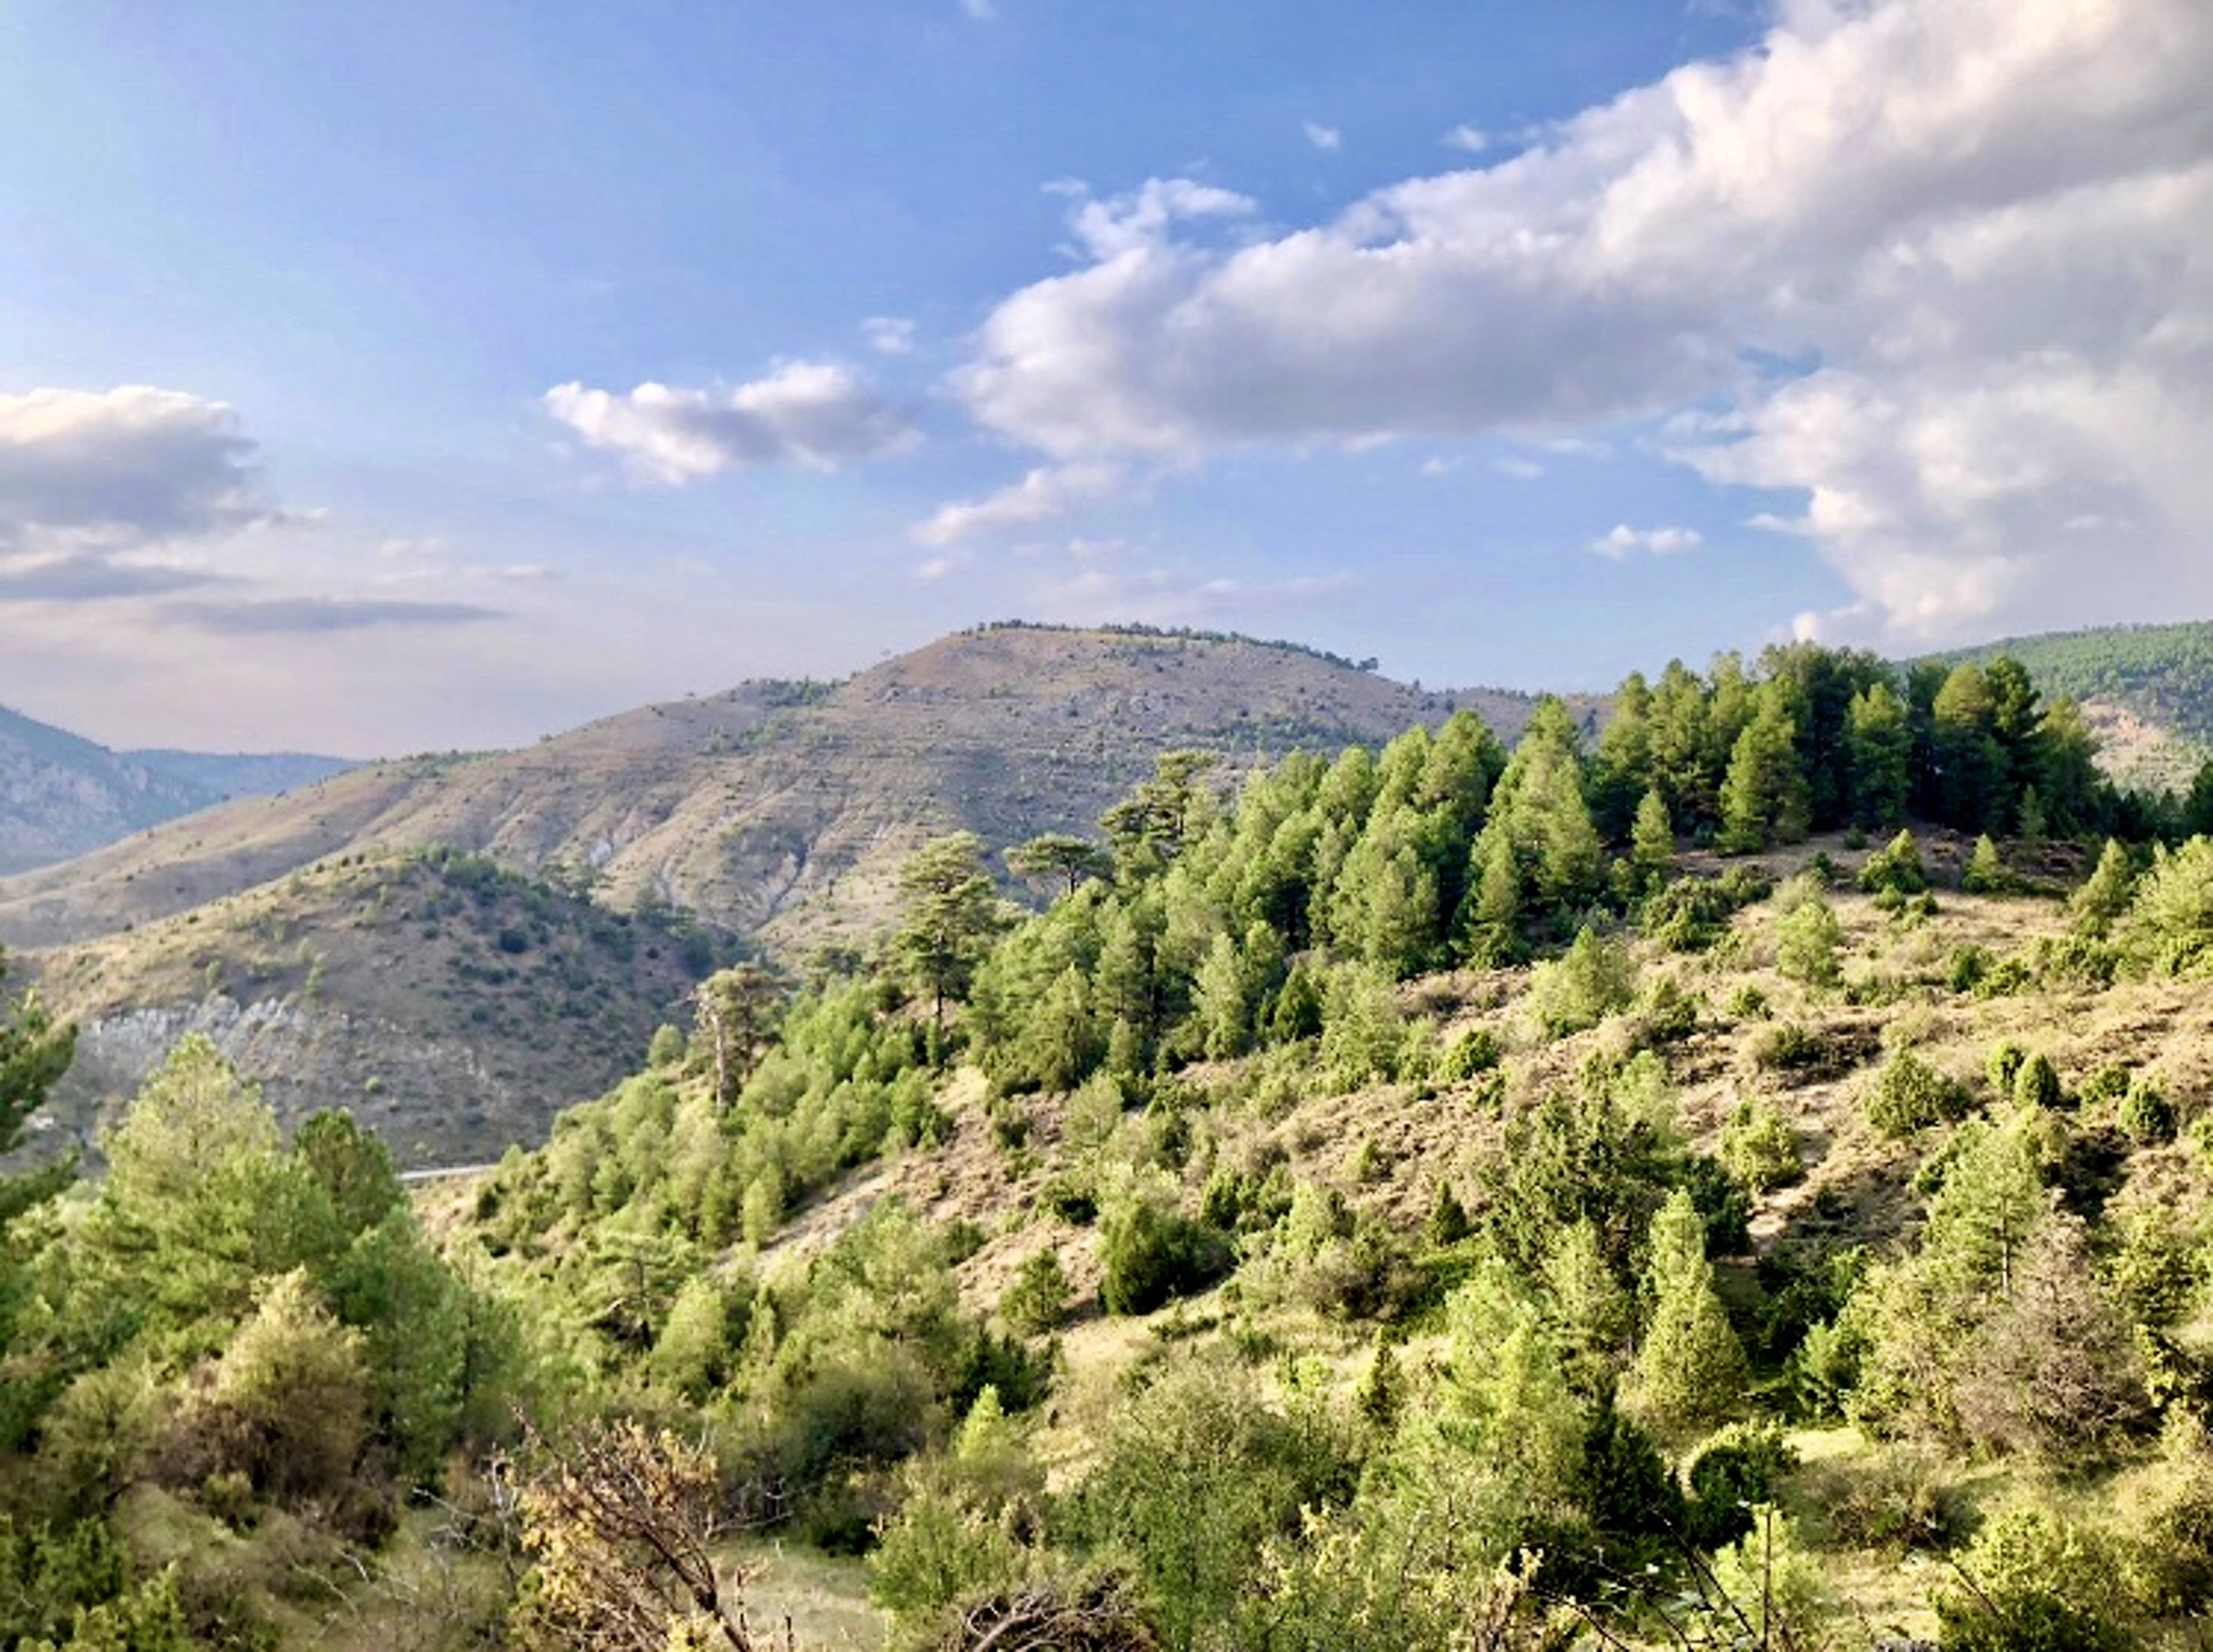 Maison de vacances Hütte mit 4 Schlafzimmern in Camarena de la Sierra mit toller Aussicht auf die Berge, priv (2474258), Camarena de la Sierra, Teruel, Aragon, Espagne, image 36